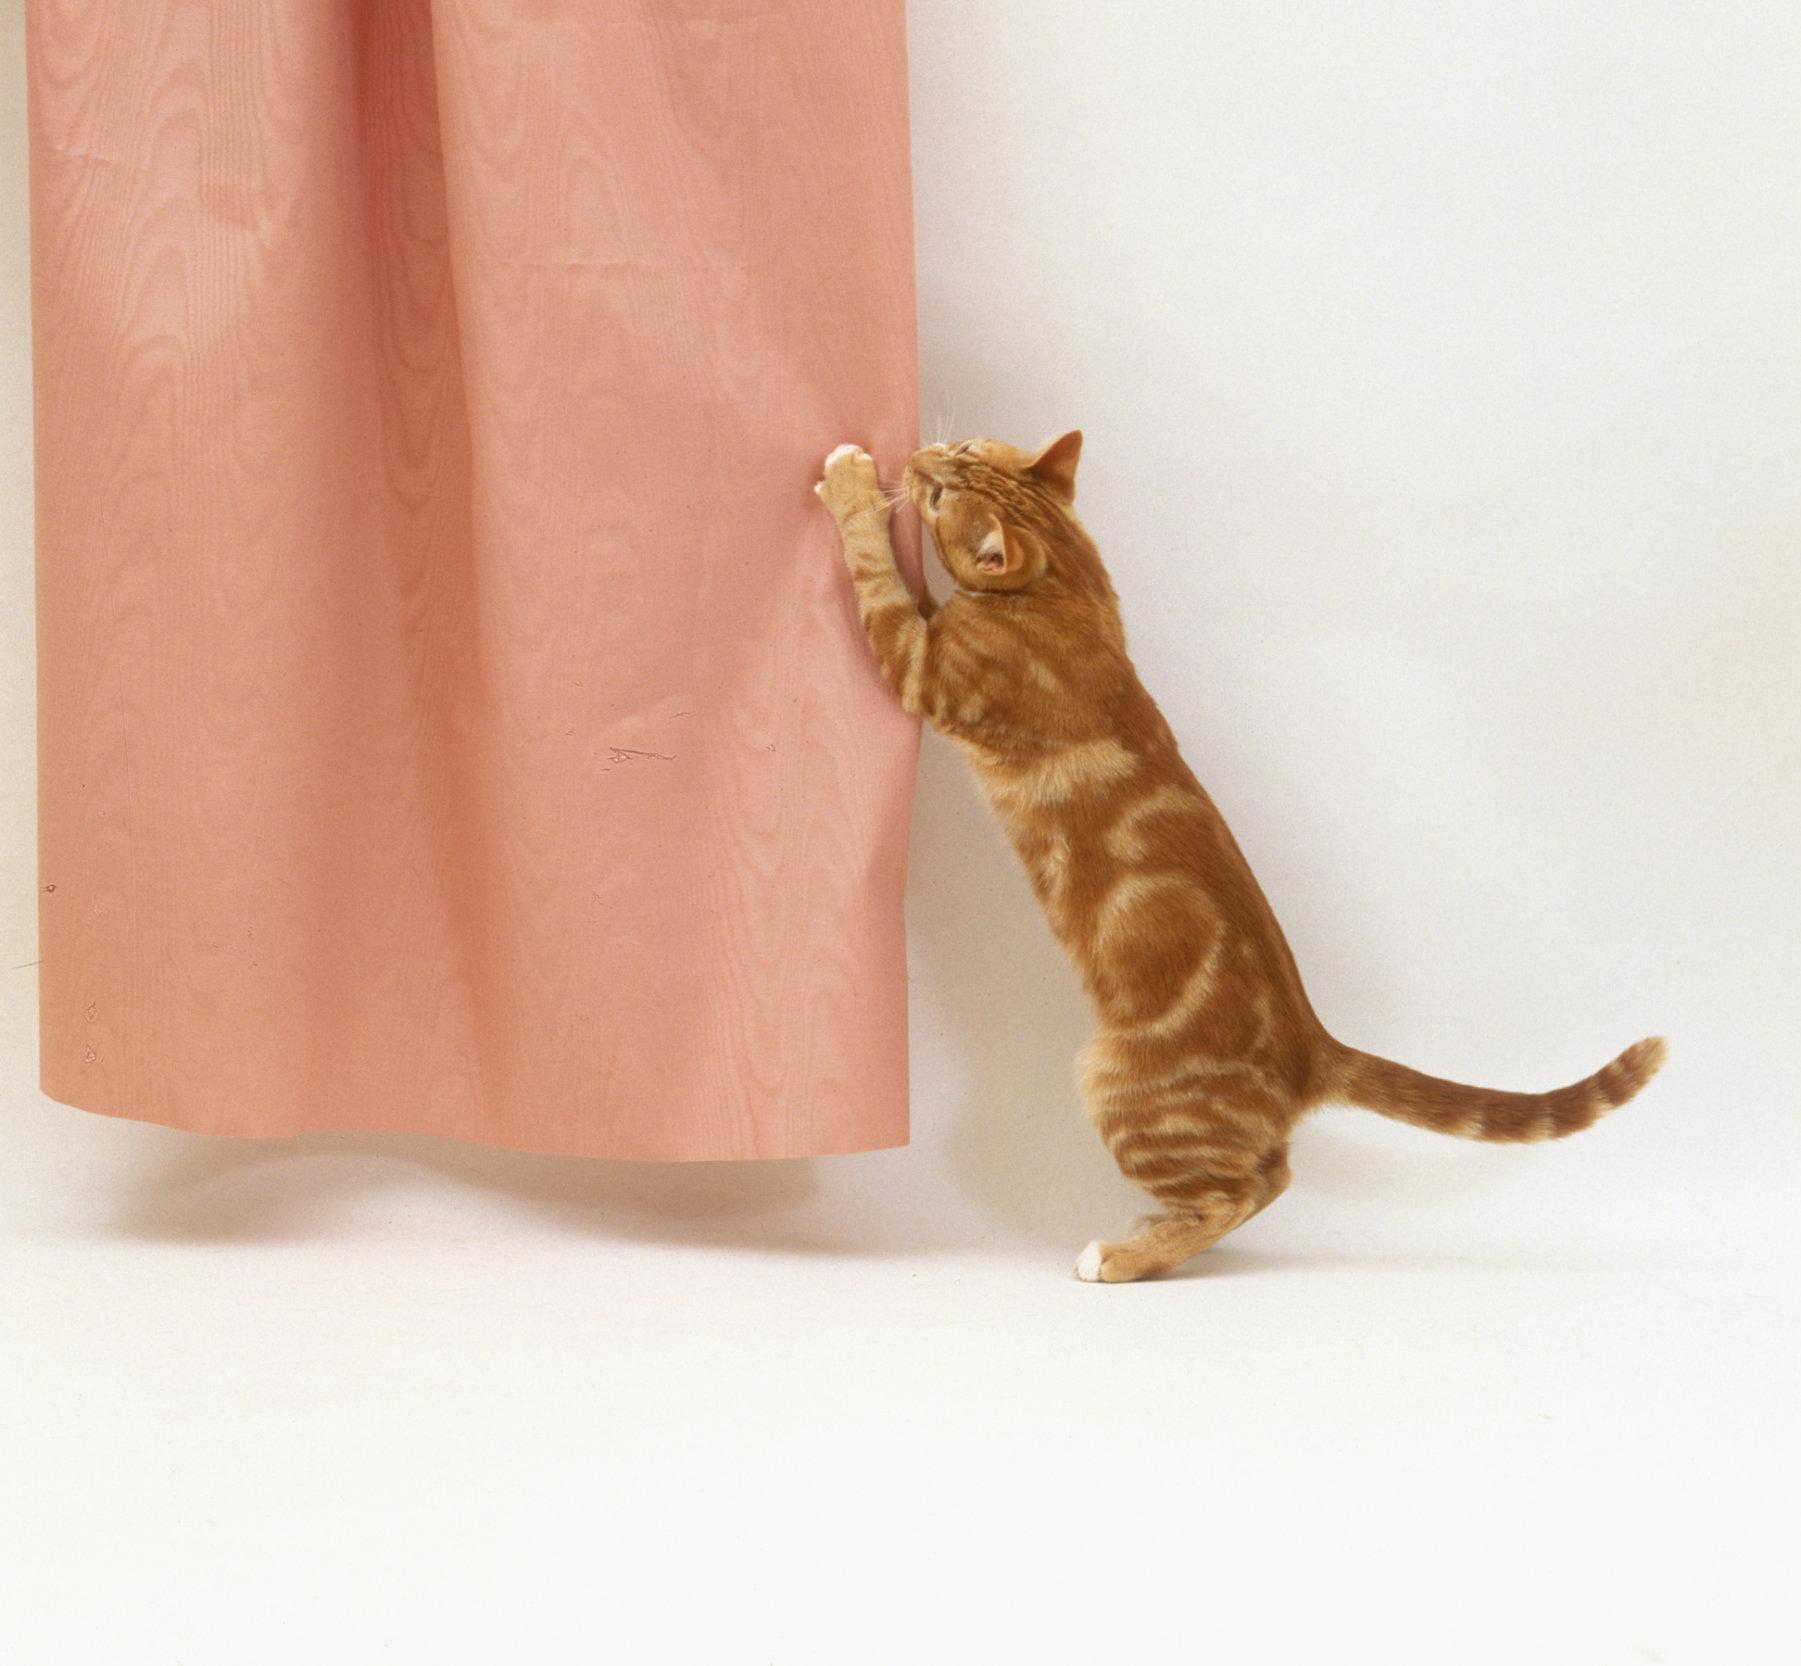 A kitten scratching a curtain